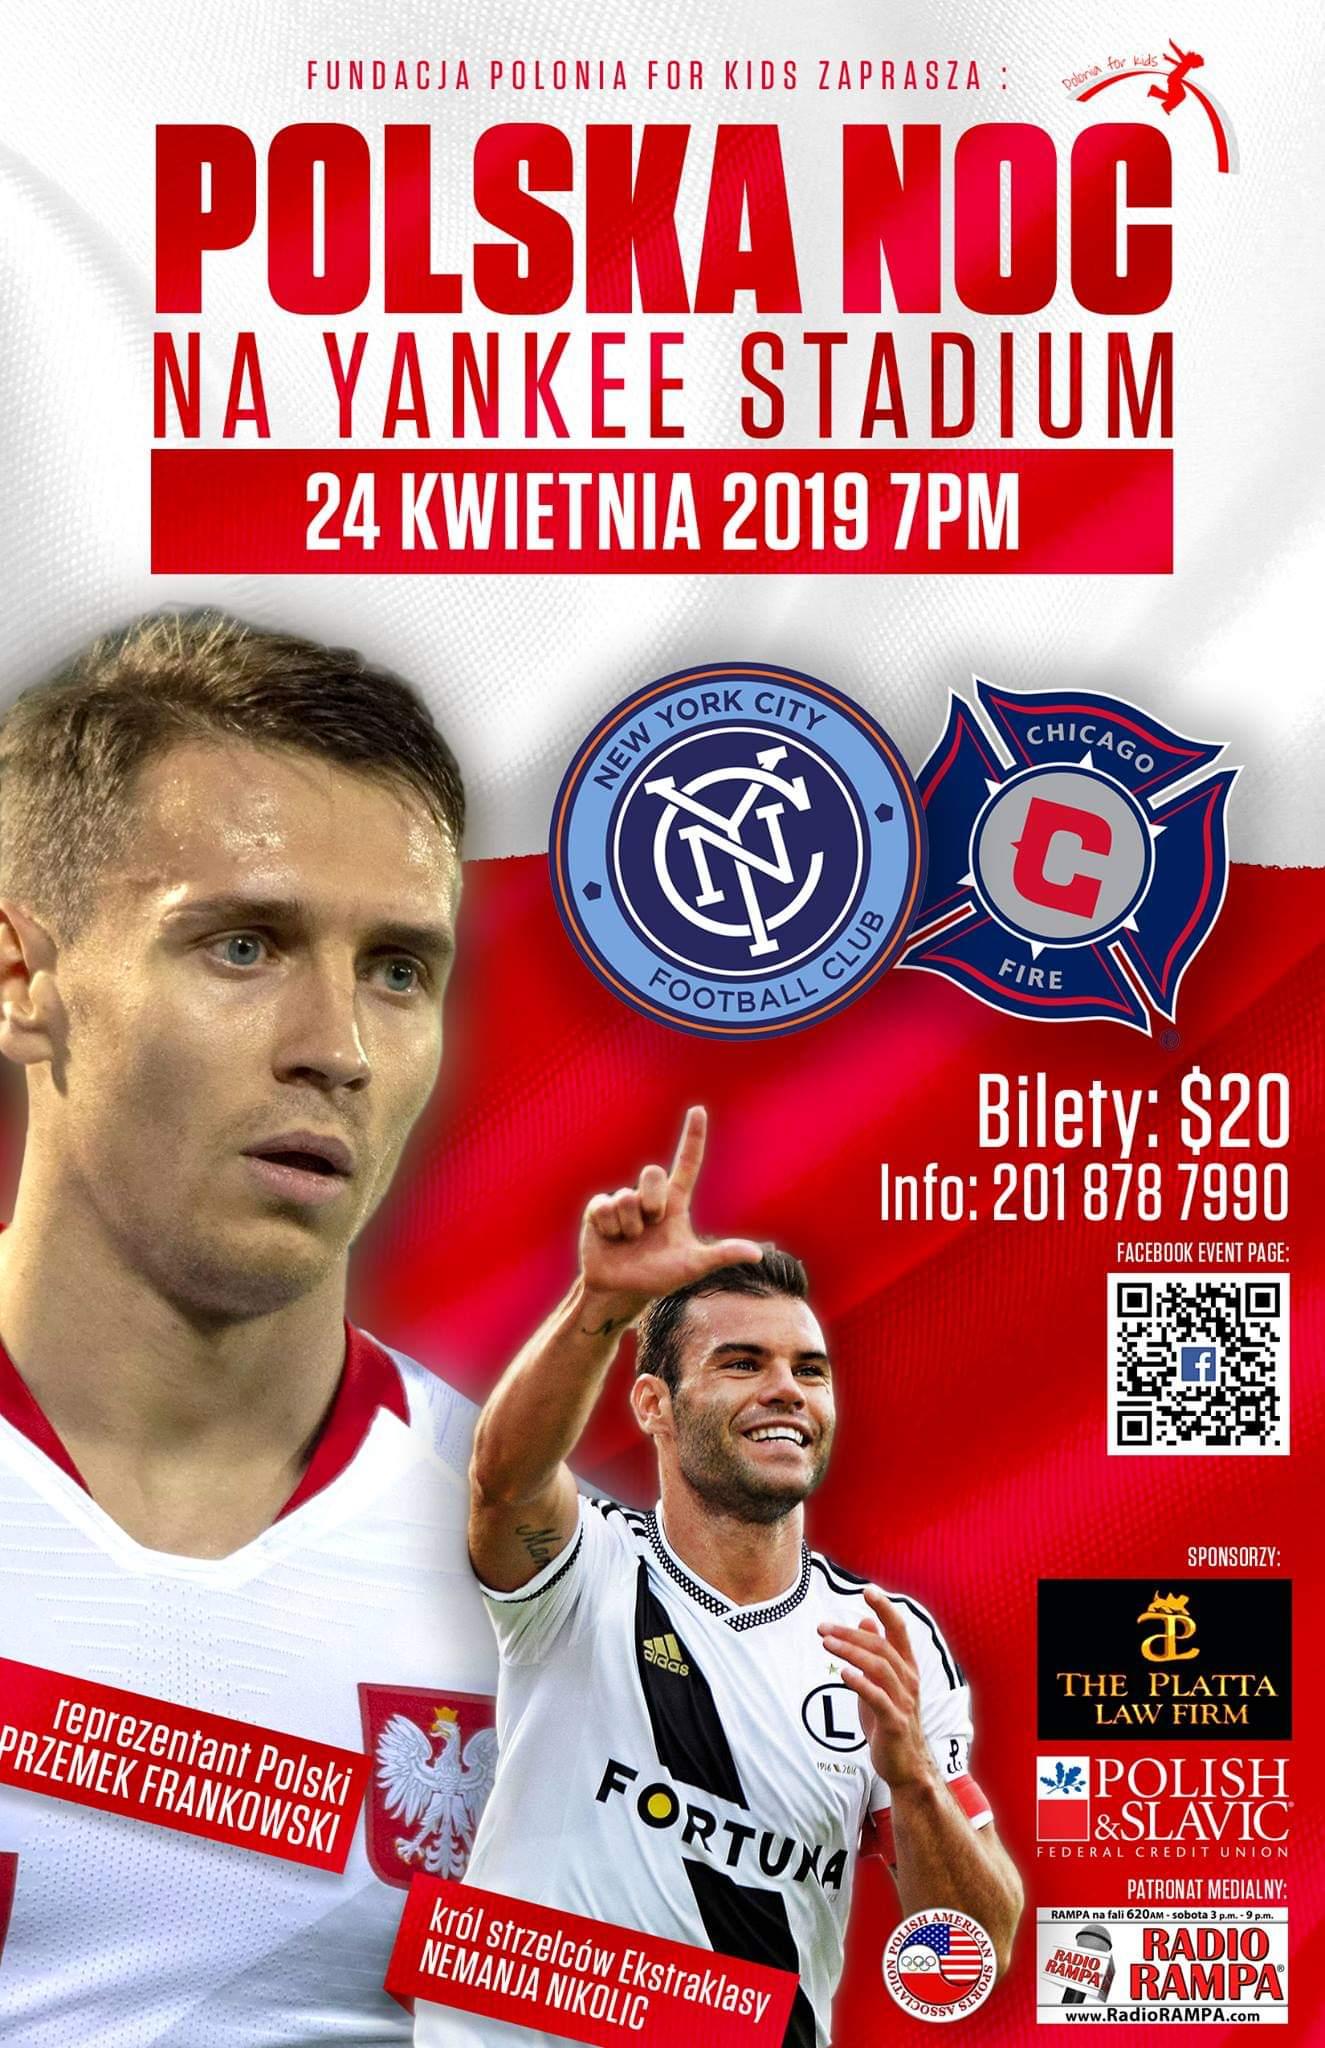 Ogłoszenie darmowe. Lokalizacja:  NY, NJ, CT, PA. IMPREZY - Sport i turystyka. Polska Noc na stadionie Yankee.